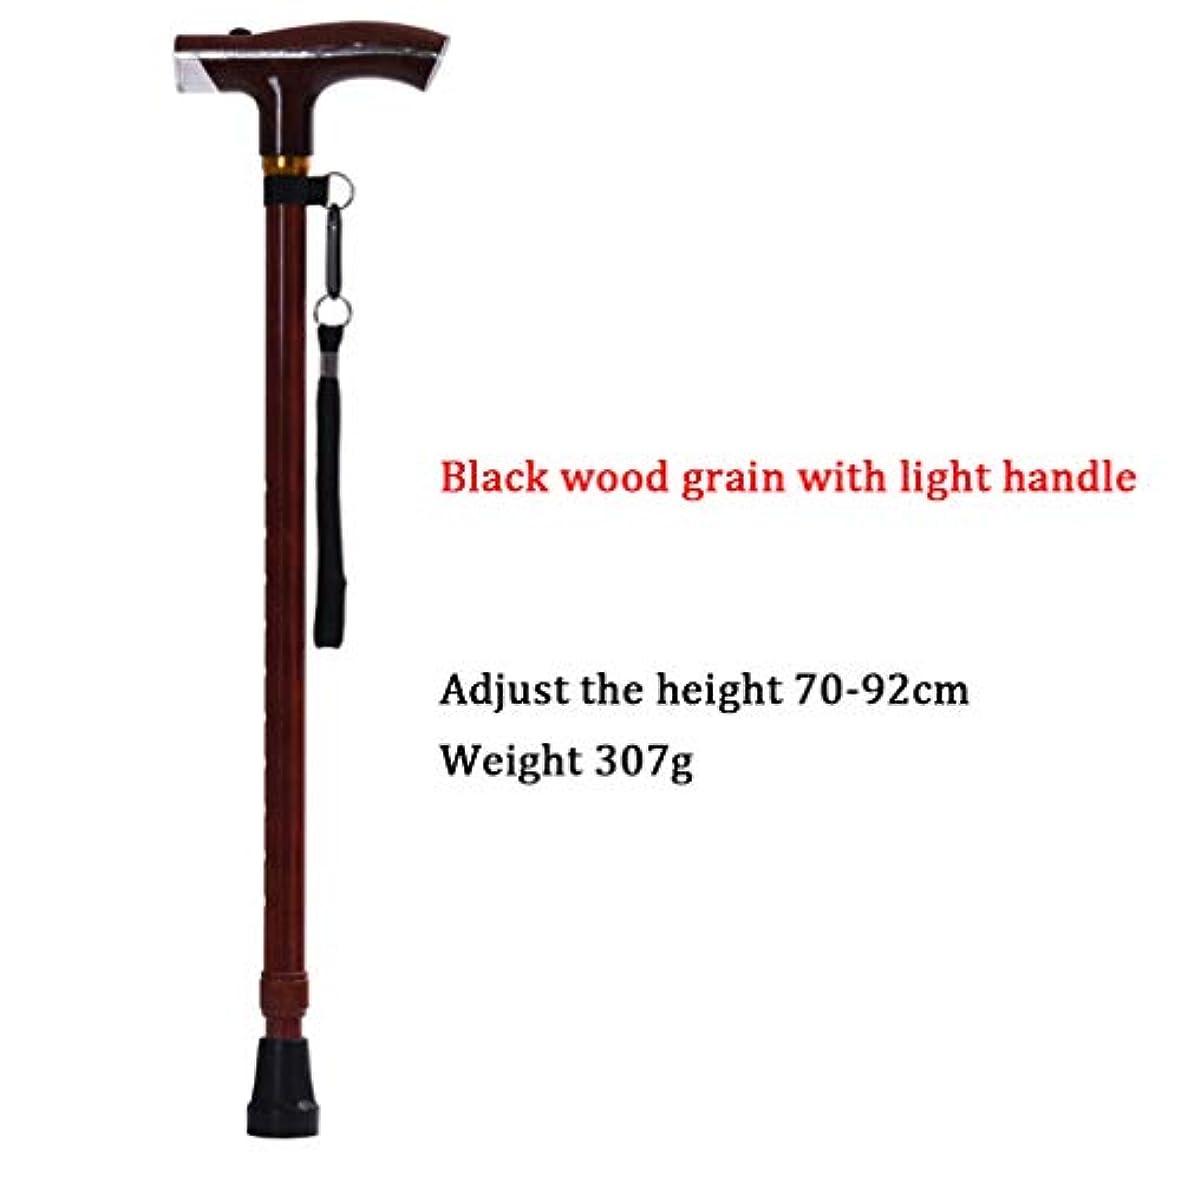 指豆腐戦闘高さ調整可能な木製ハンドル付きステッキ、LEDライト/ 10ギア高さ調整可能、アルミニウム製歩行補助具-軽量、なめらかな人間工学に基づいた快適なハンドル